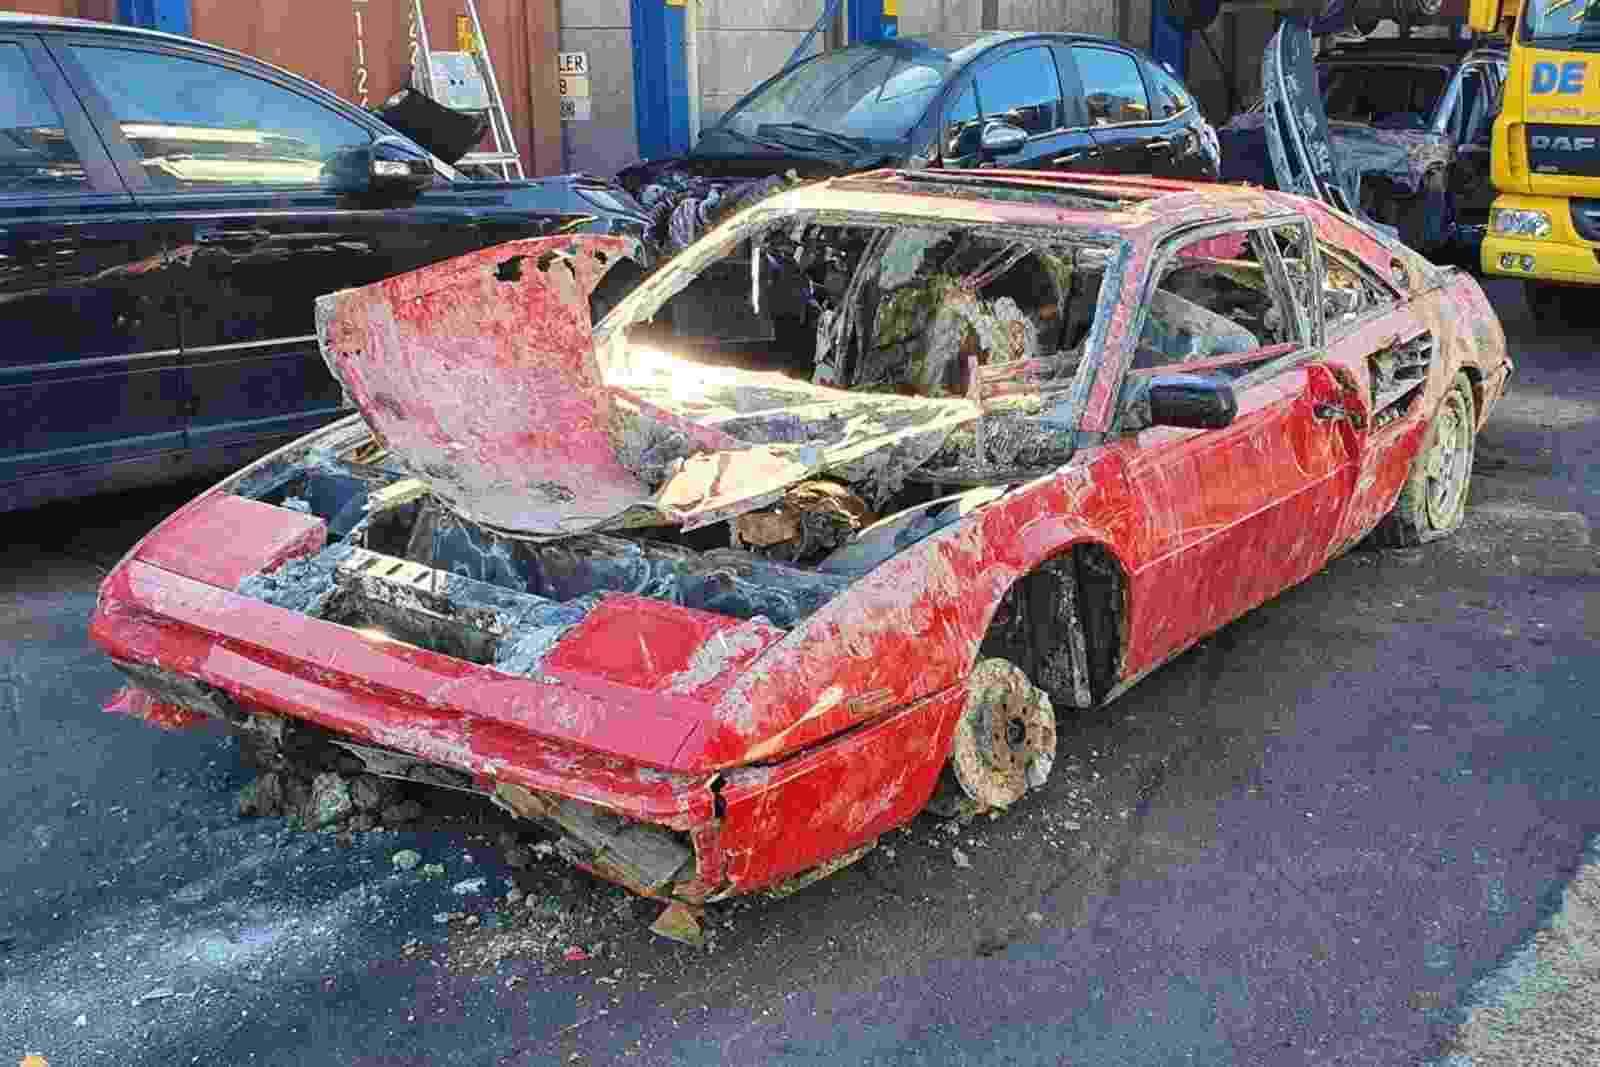 Ferrari Mondial 1987 afundada em rio durante 26 anos Amsterdam Holanda - Arquivo pessoal